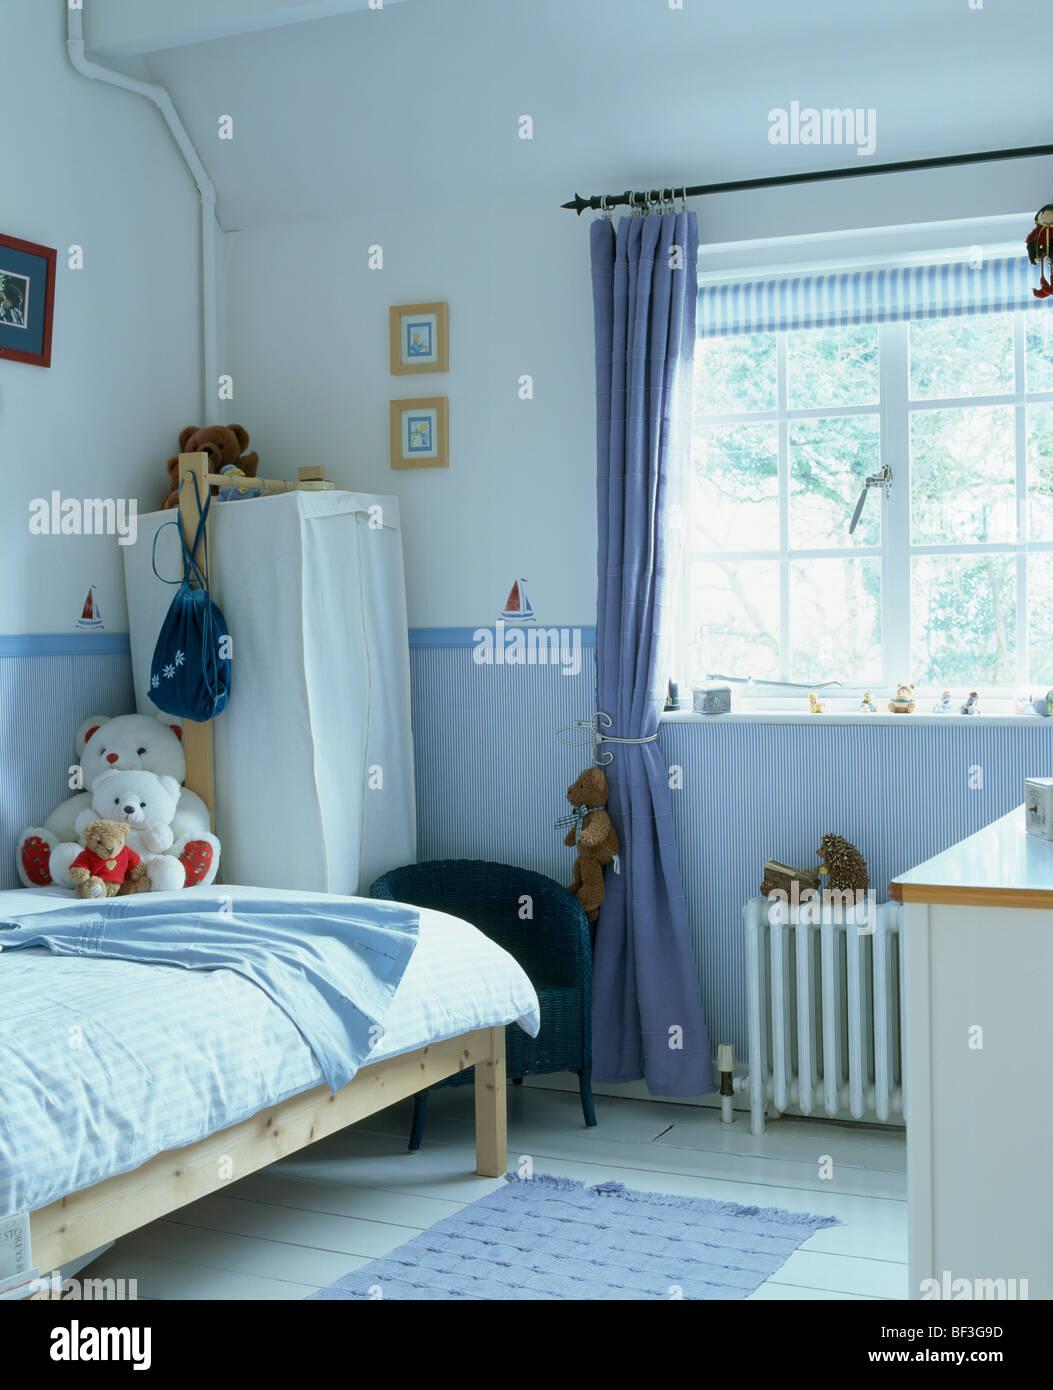 Rideau Bleu à Fenêtre Dans La Chambre De Lu0027enfant Avec Papier Peint Bleu Et  Dado Tente Armoire En Coin De La Chambre